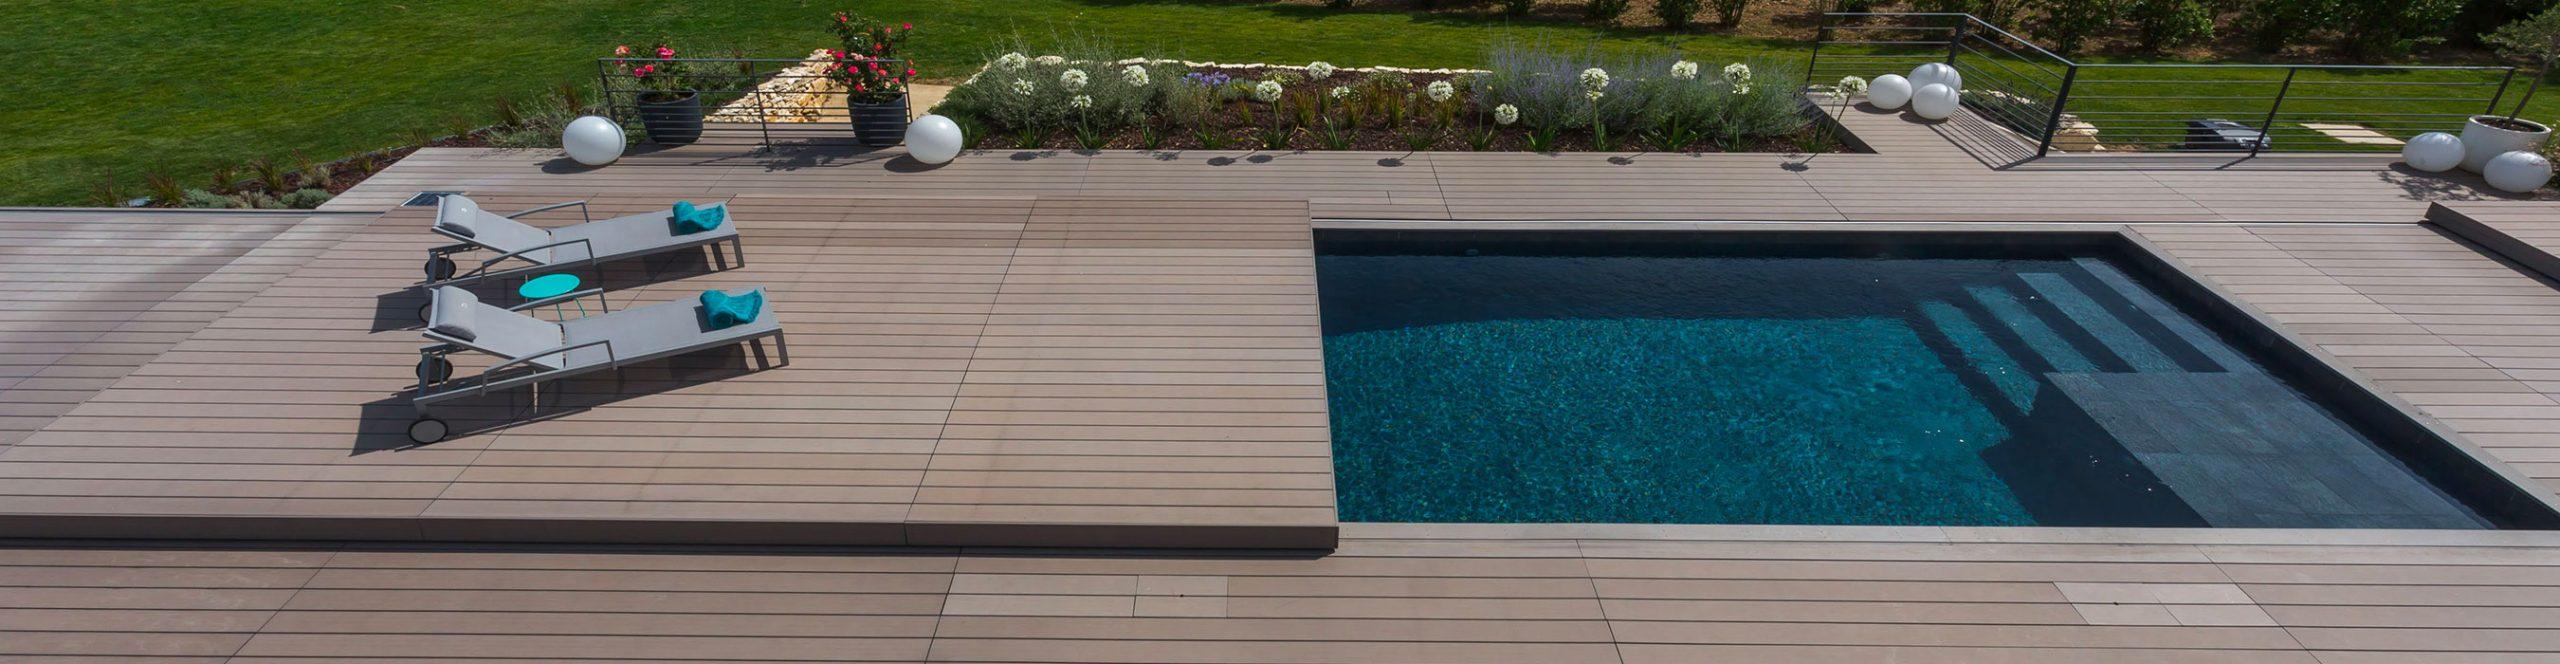 Terrasse Mobile Piscine Alkira : Tarifs Direct Usine à Fabriquer Une Terrasse Mobile Pour Piscine